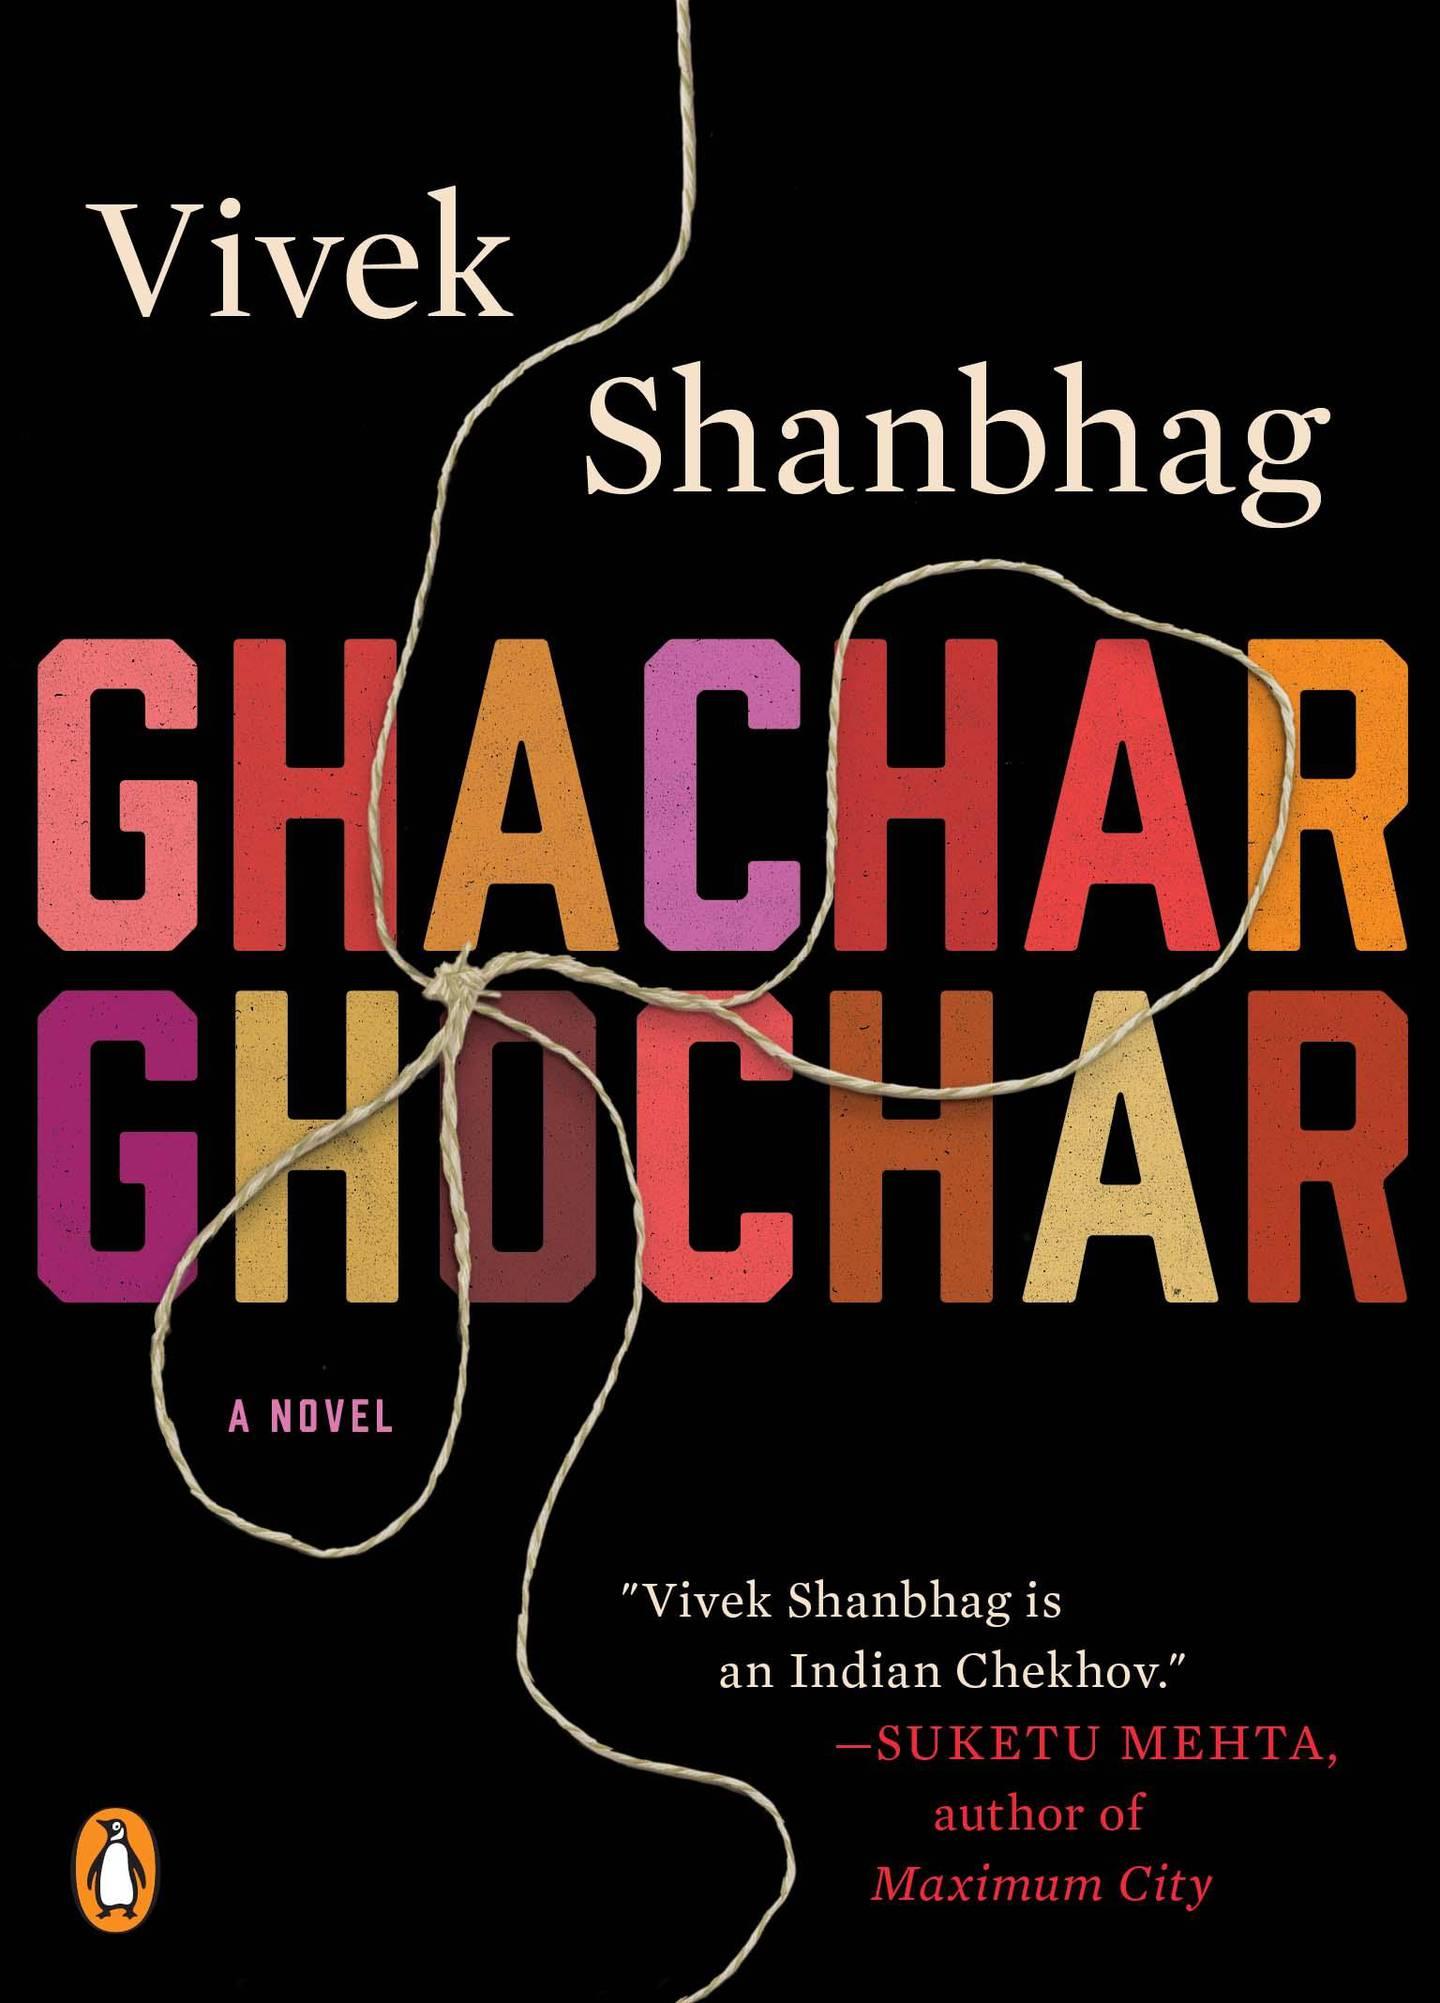 Ghachar Ghochar by Vivek Shanbhag. Courtesy Faber